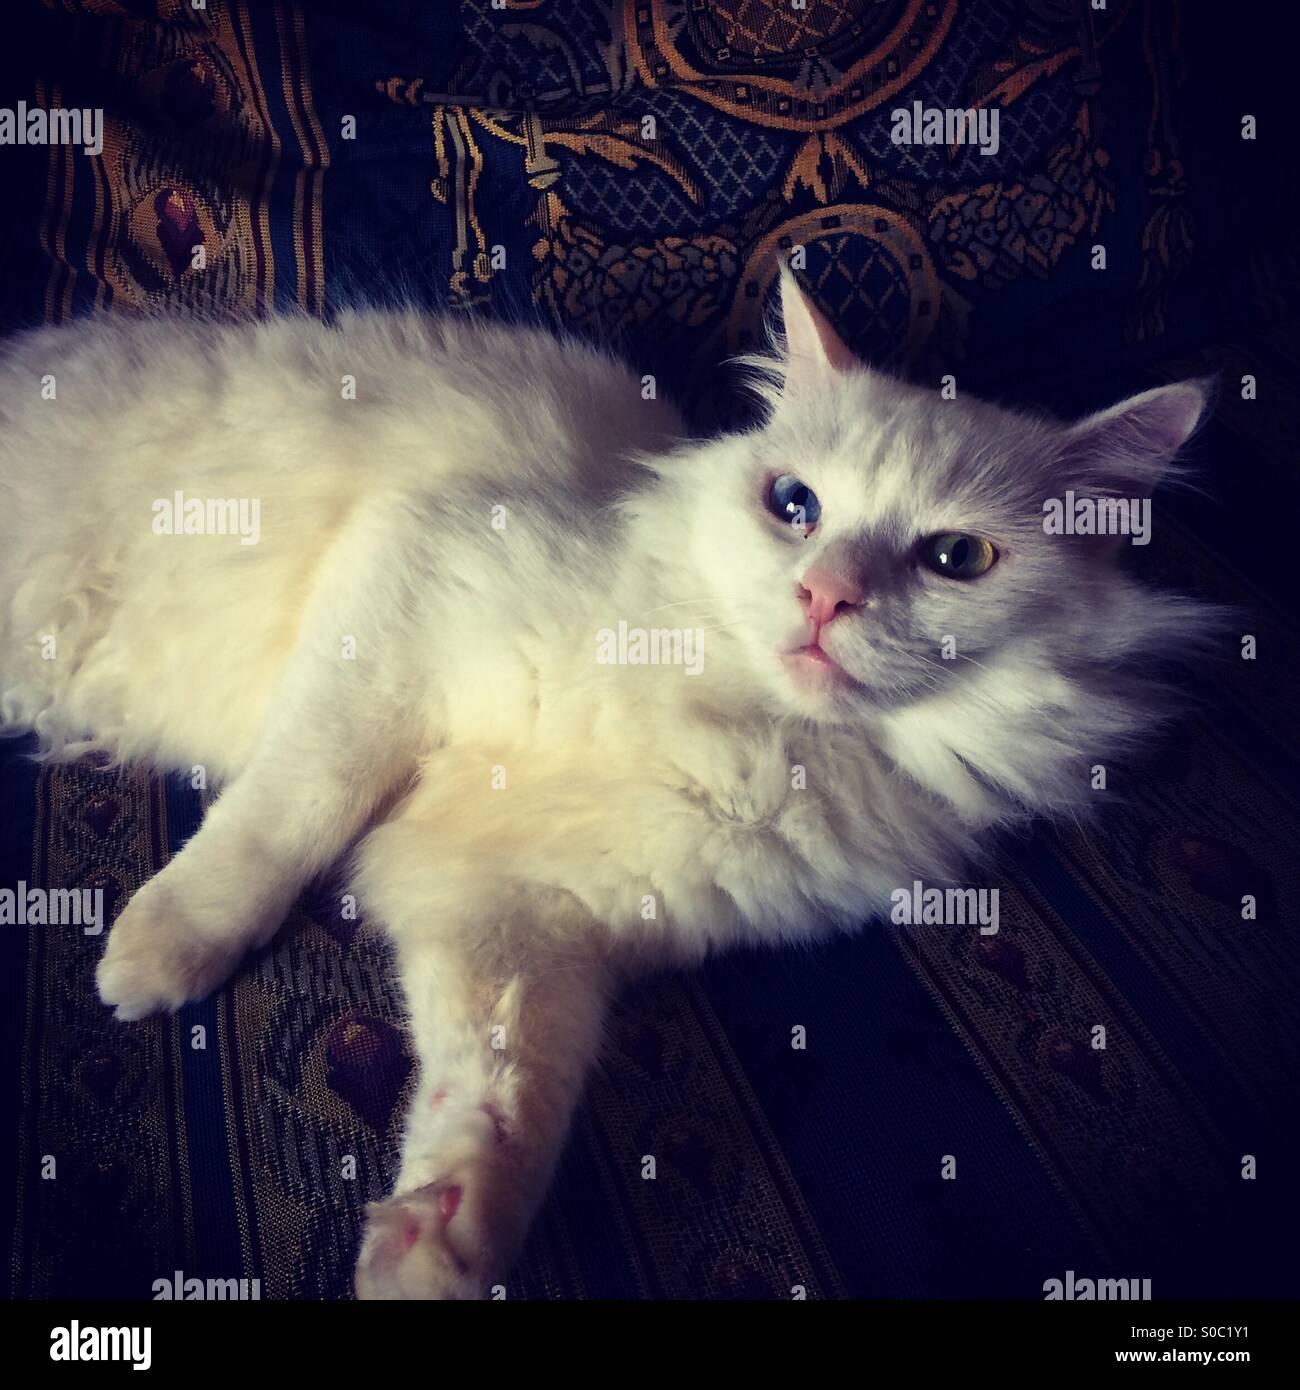 Angora weiß Katze auf Couch - odd eyed weiße Katze Stockfoto, Bild ...